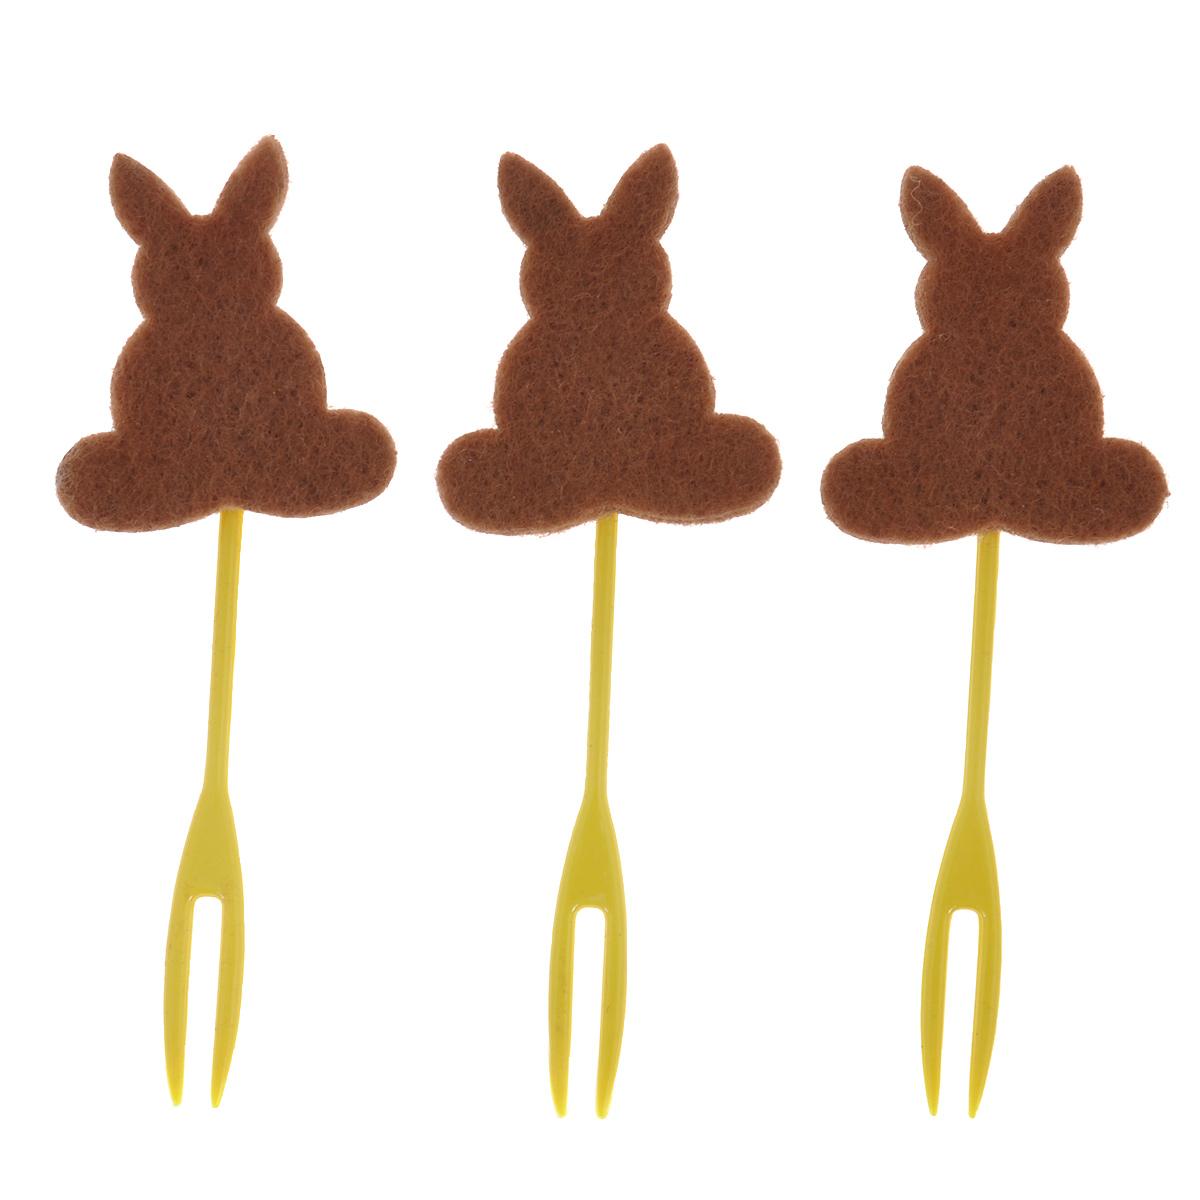 Набор декоративных вилочек Home Queen Кролик для украшения кулича, цвет: коричневый, длина 10 см, 3 штK100Набор Home Queen Кролик, изготовленный из пластика и фетра, состоит из трех декоративных вилочек, предназначенных для украшения пасхального кулича. Изделия декорированы фигурками кроликов. Такой набор прекрасно дополнит оформление праздничного стола на Пасху.Размер фигурки: 4 см х 4 см.